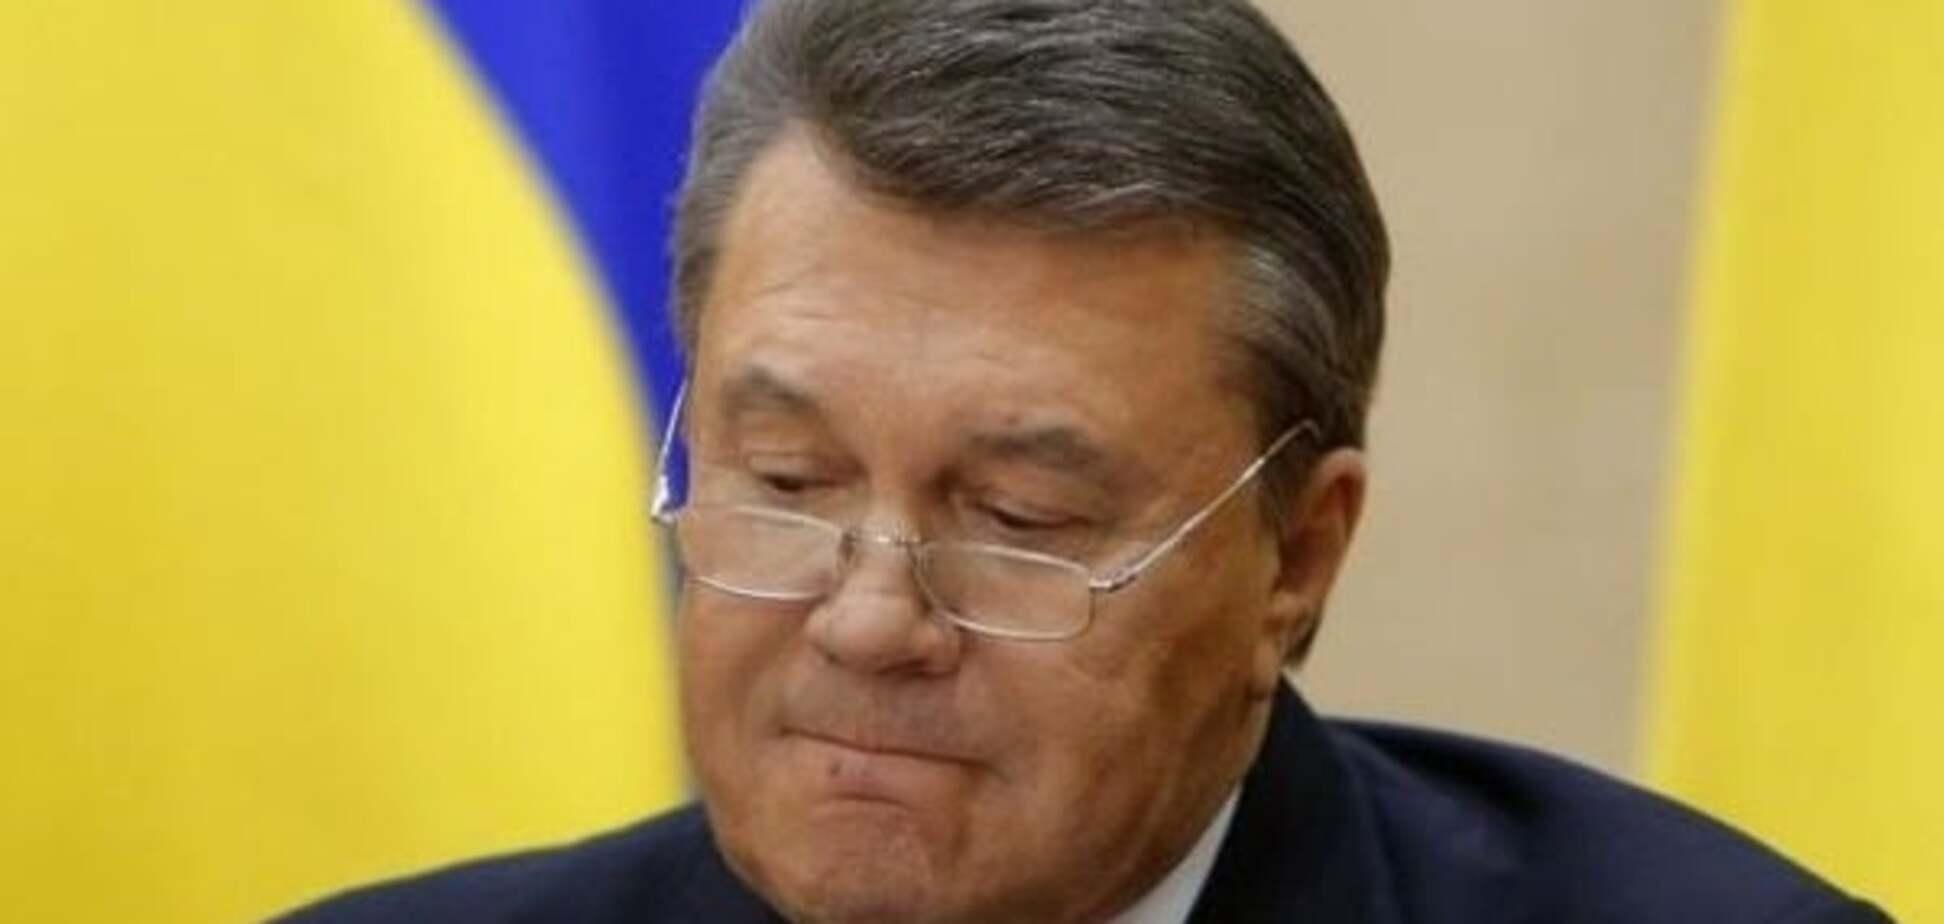 Безглуздо: у ГПУ пояснили неможливість віддалено допитати Януковича